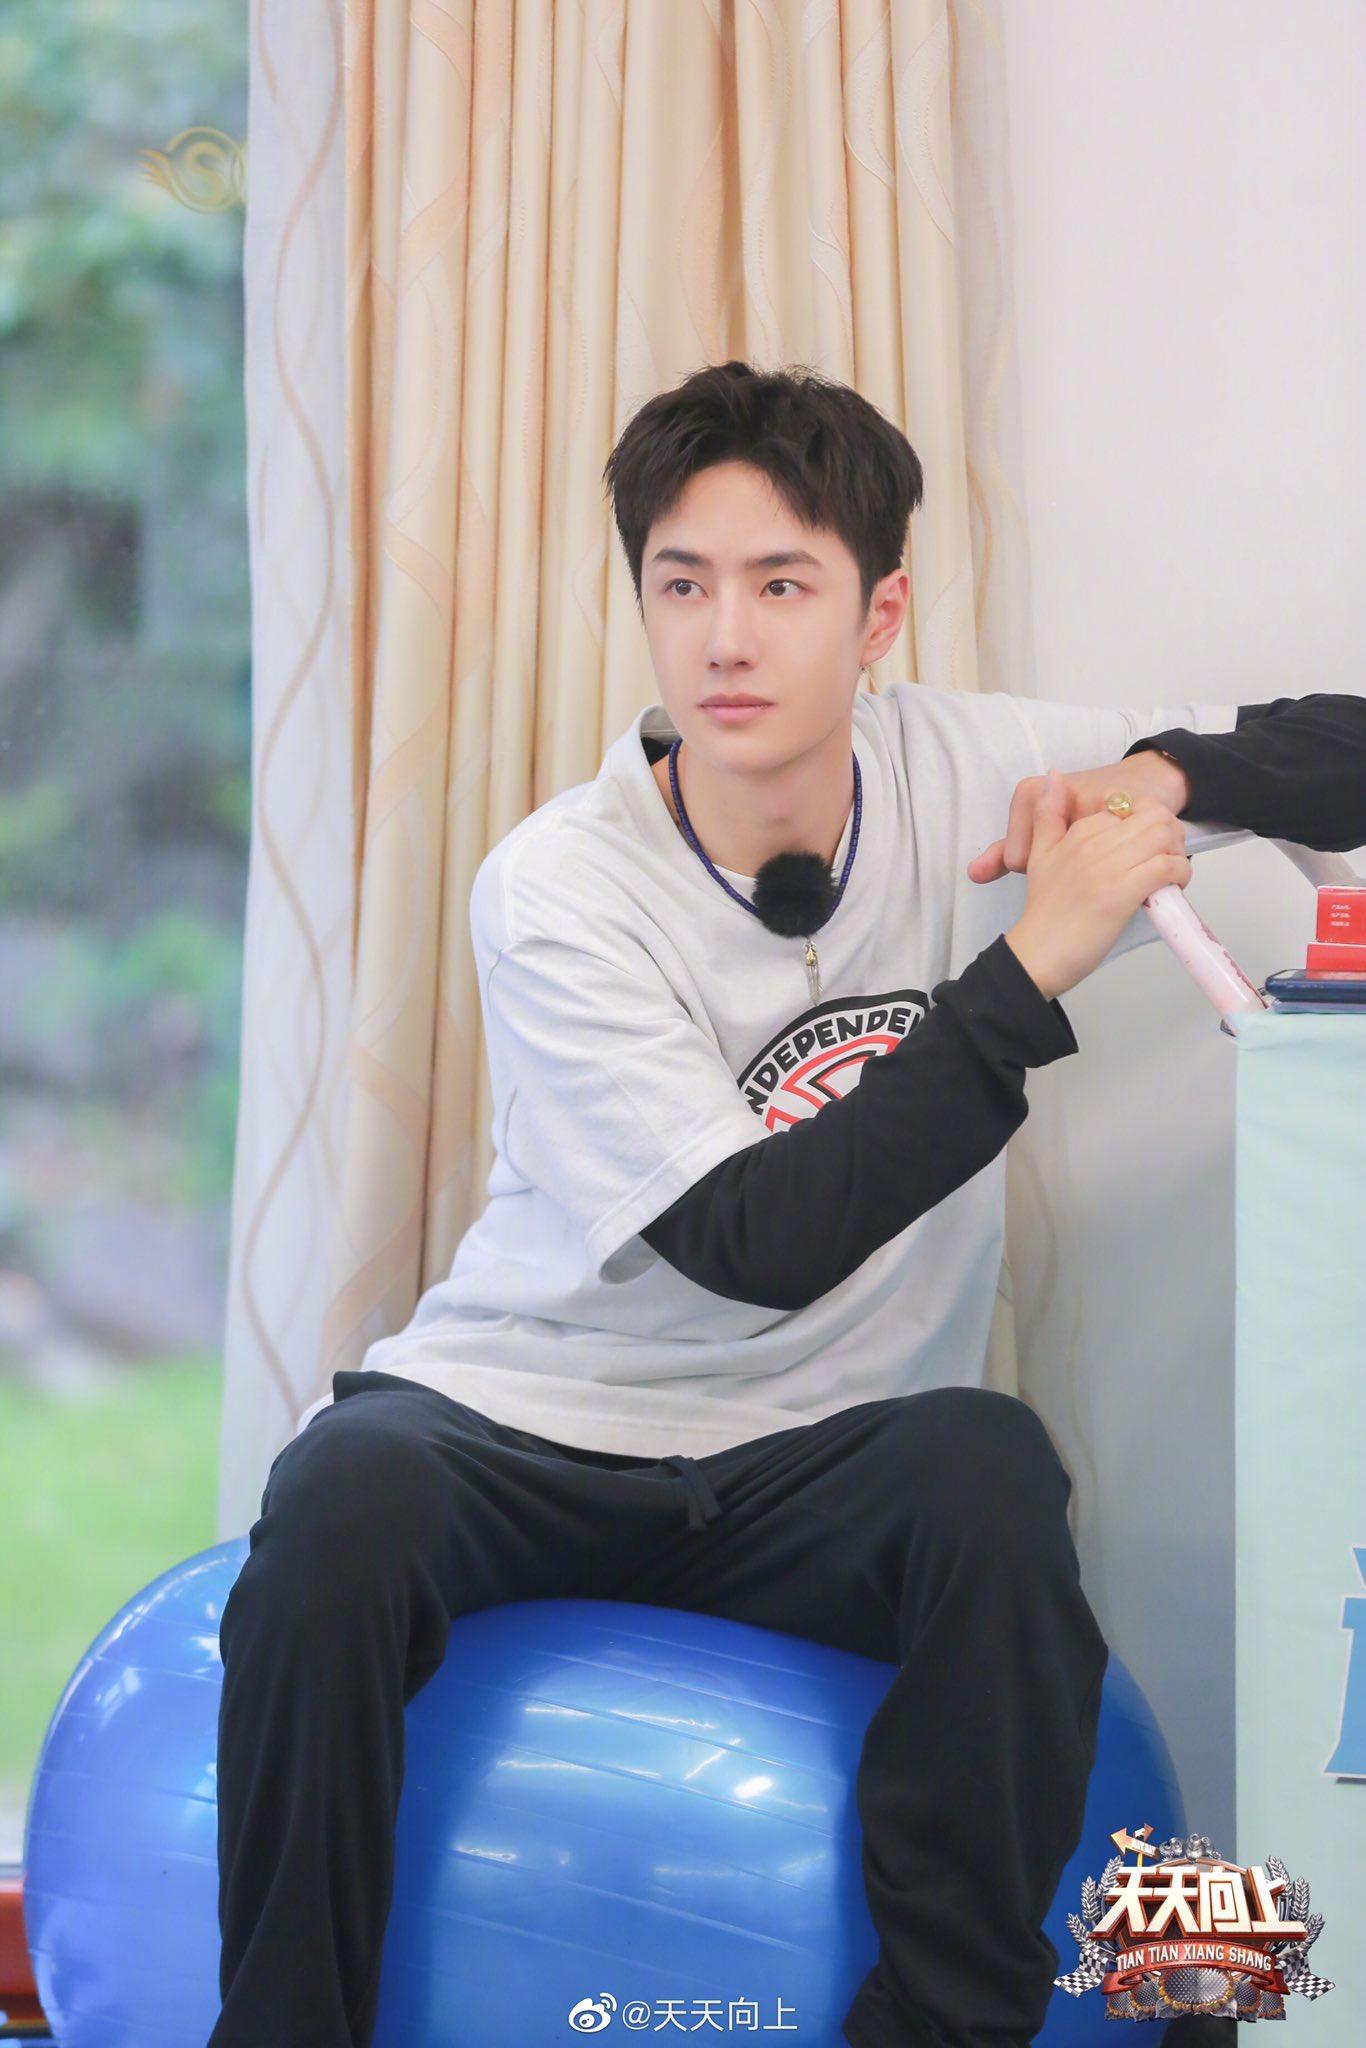 'Thiên thiên hướng thượng': Vương Nhất Bác tự nhận bản thân ngốc khi bị thương ở chân Ảnh 16